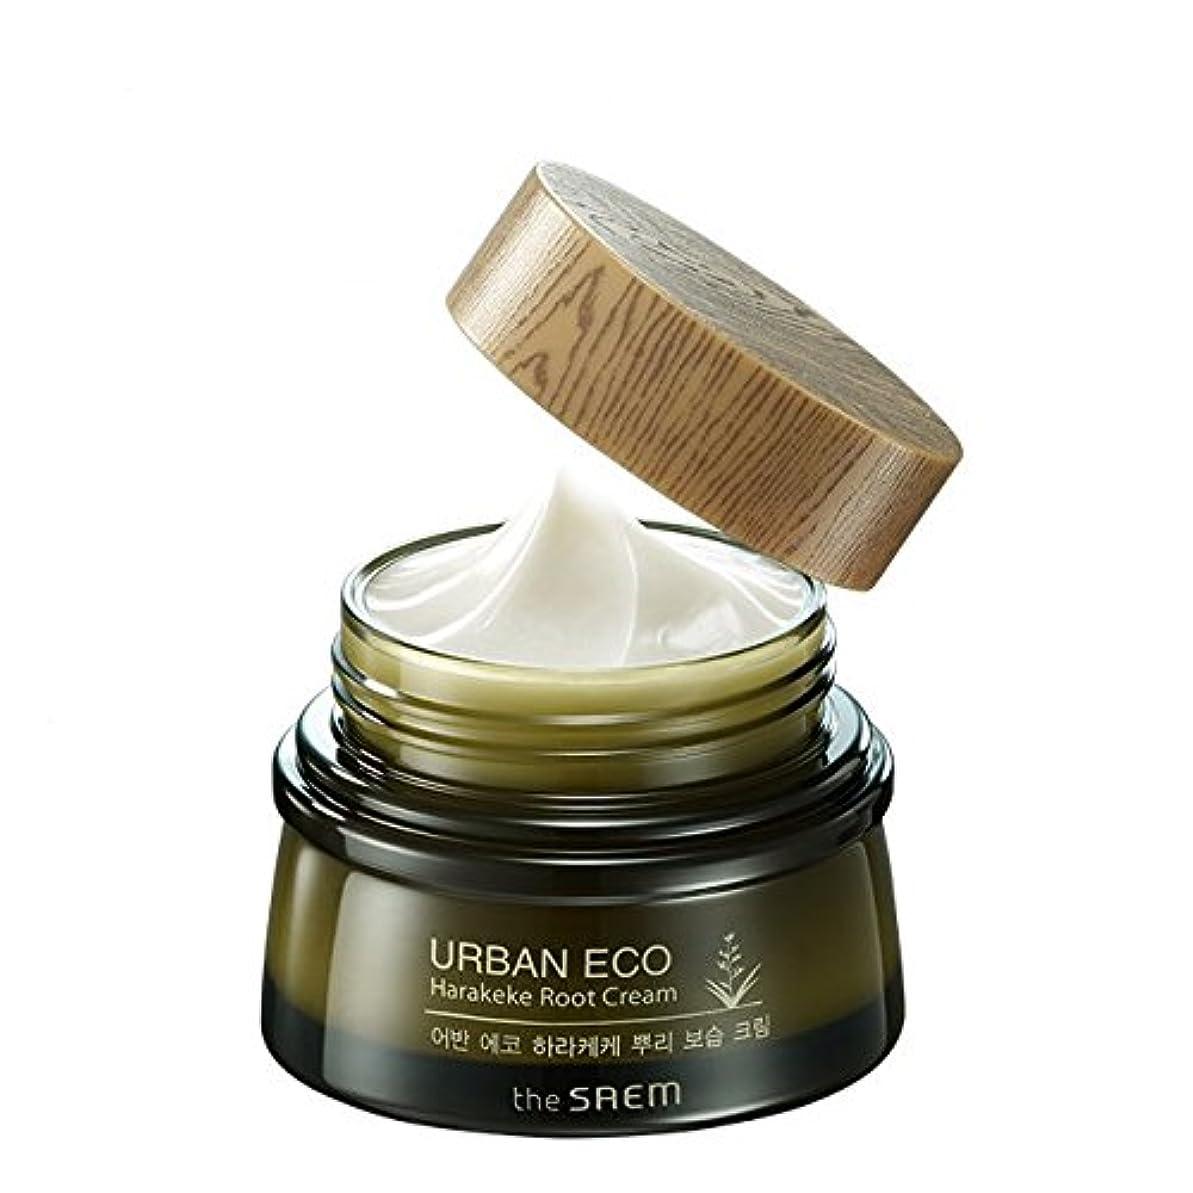 ハンサム円形の有毒な[ザセム] The Saem [アーバンエコ ハラケケ 根保湿クリーム60ml (The Saem Urban Eco Harakeke Root Cream60ml)